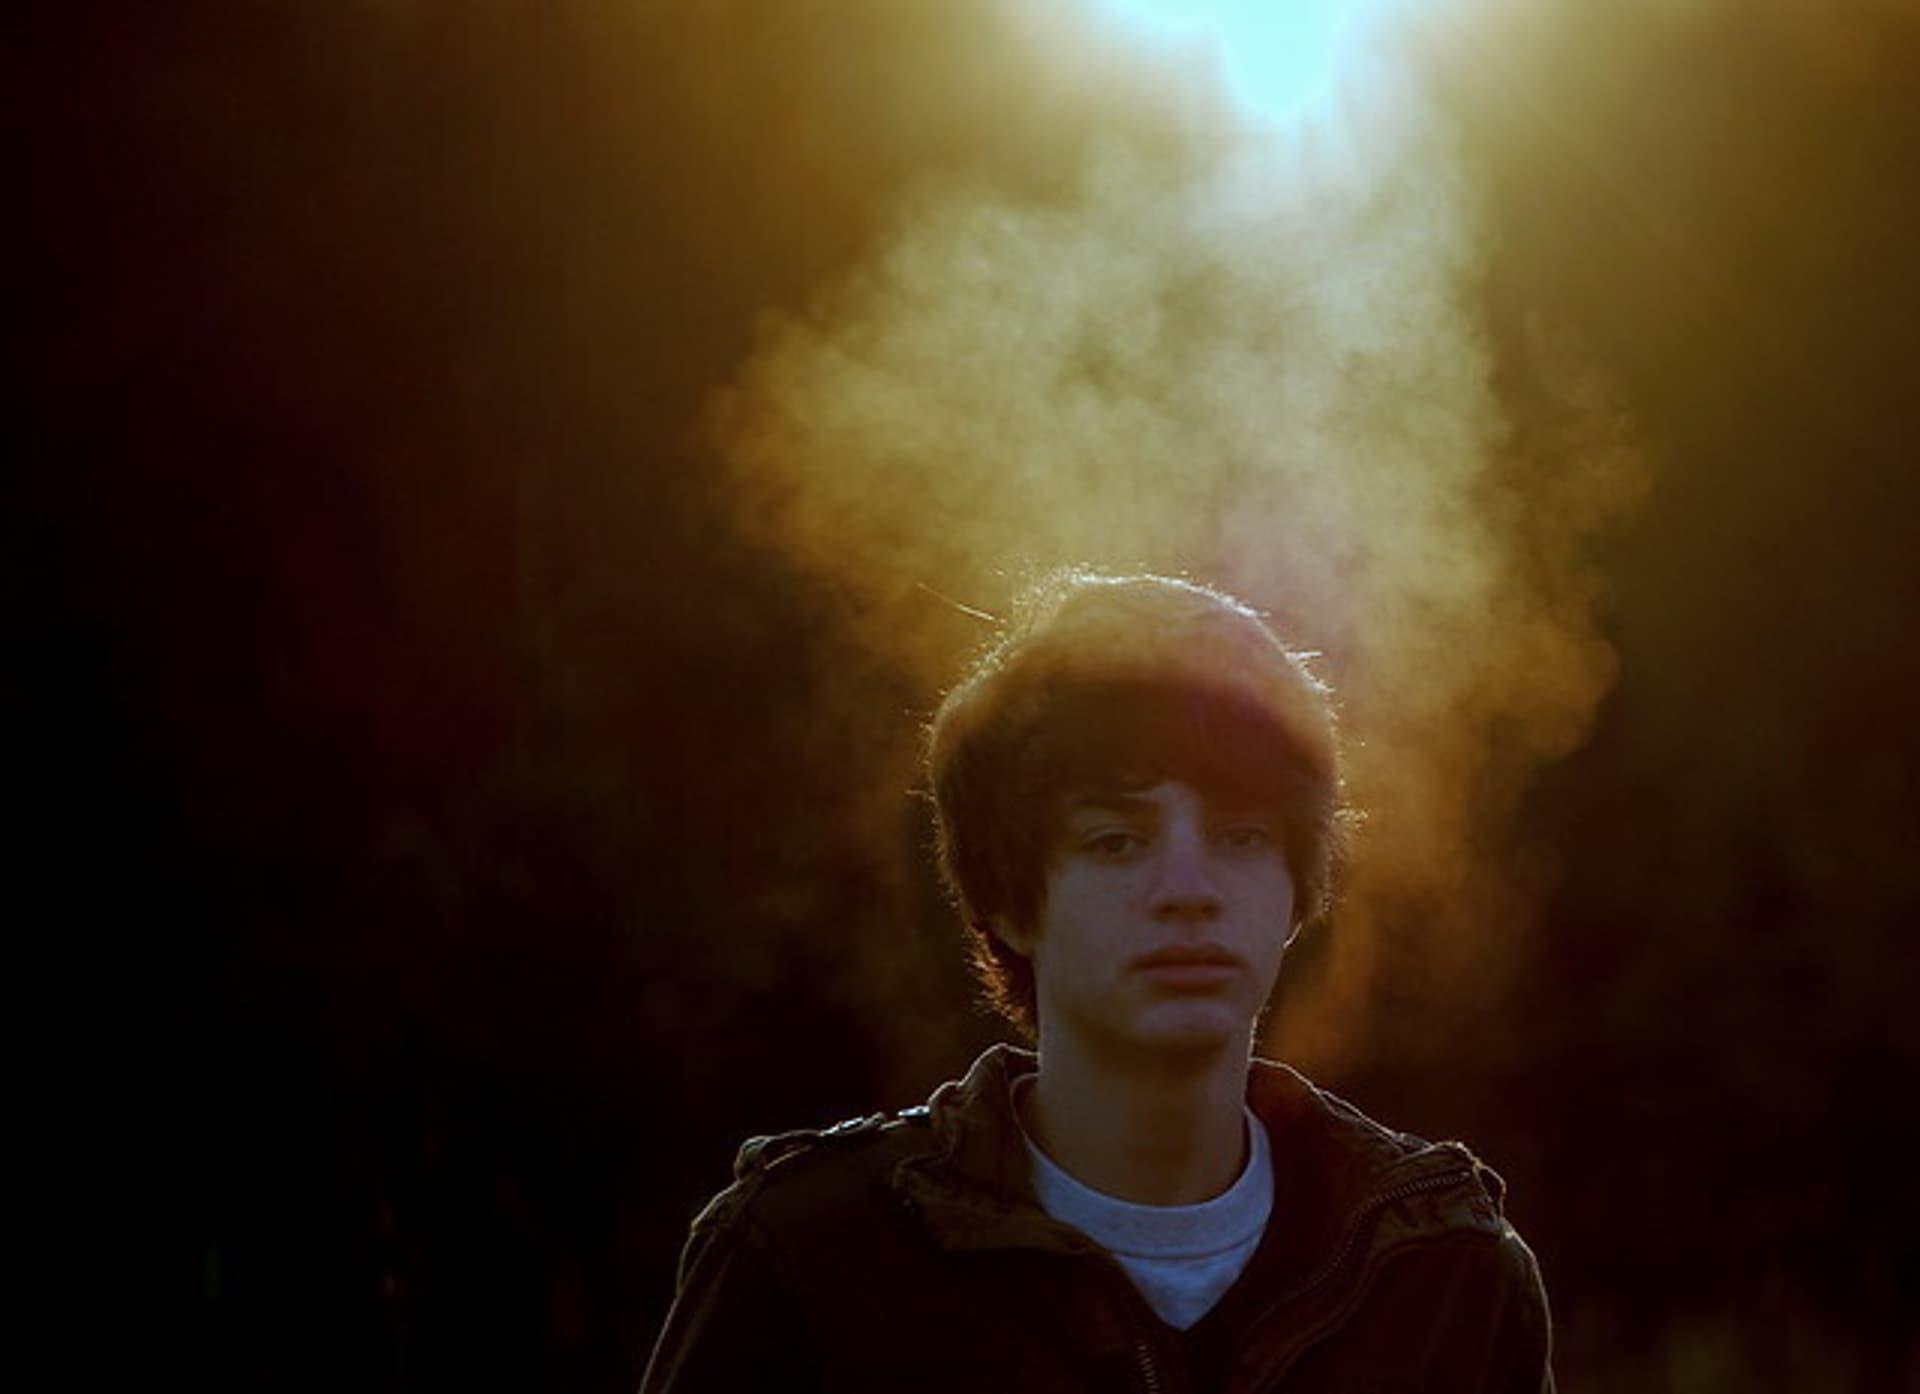 Ein junger Mann im Sonnenaufgang, sein Atem ist im Sonnenlicht erkennbar